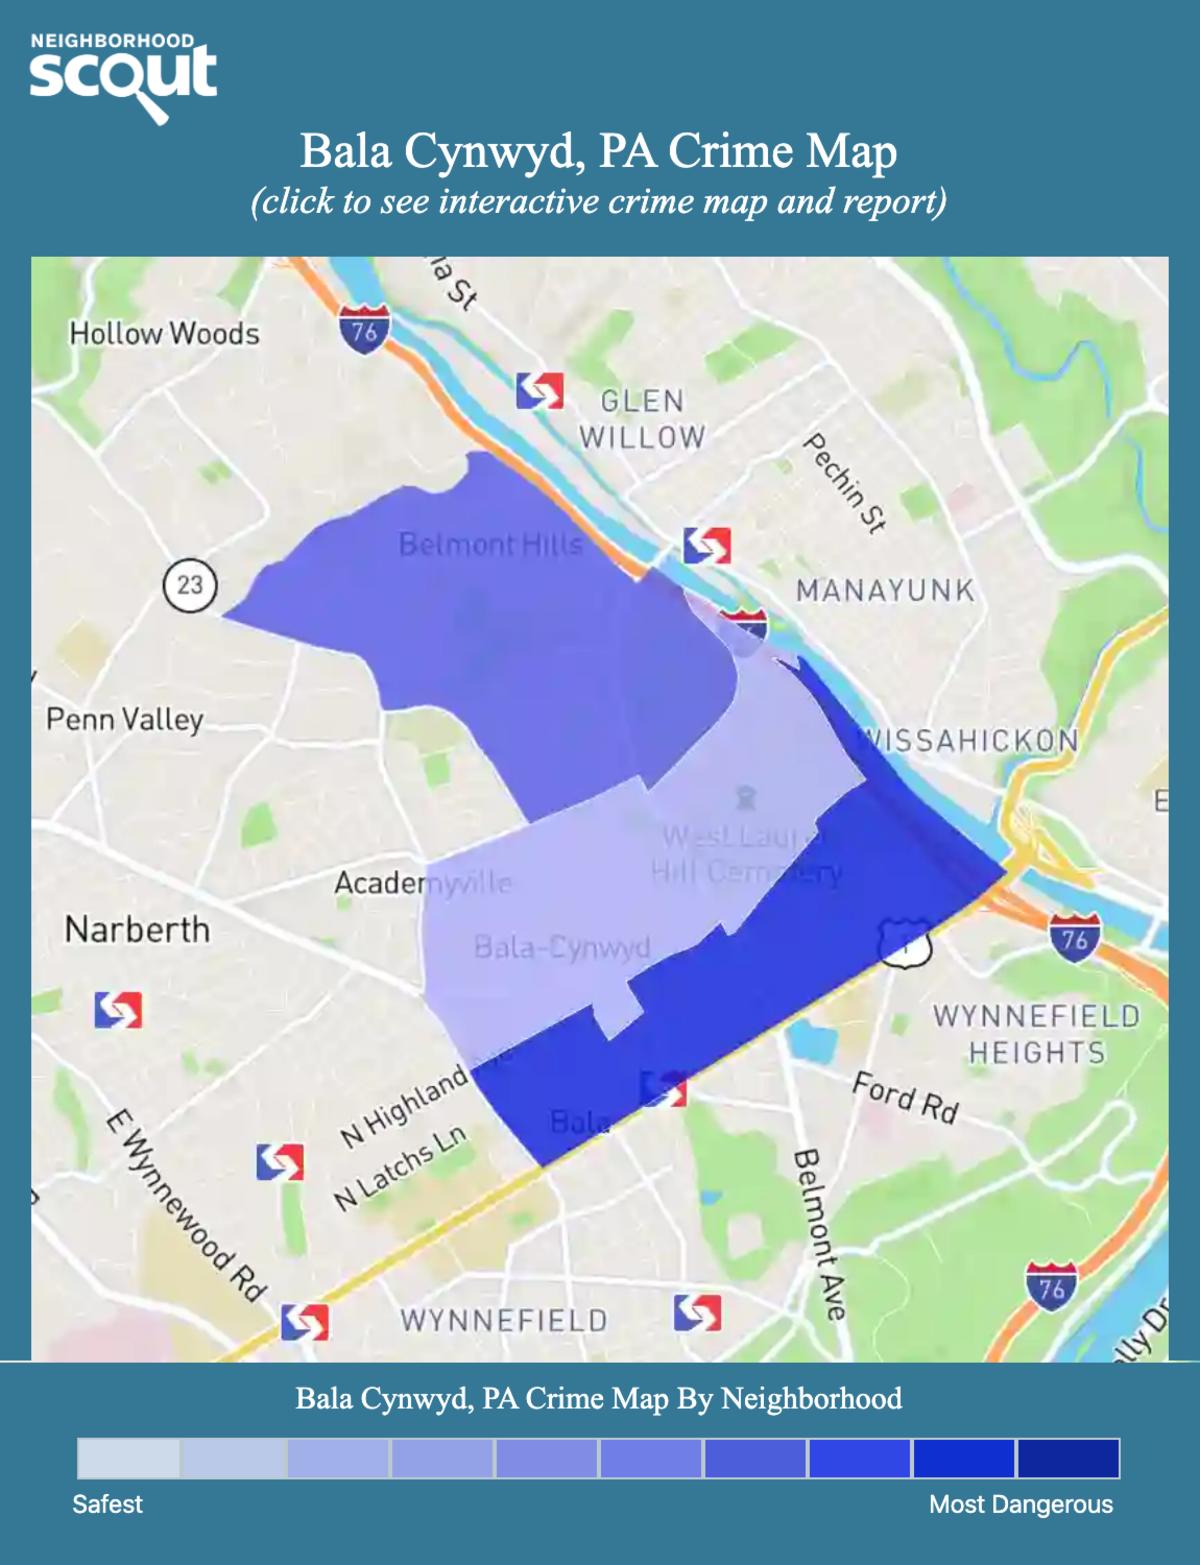 Bala Cynwyd, Pennsylvania crime map